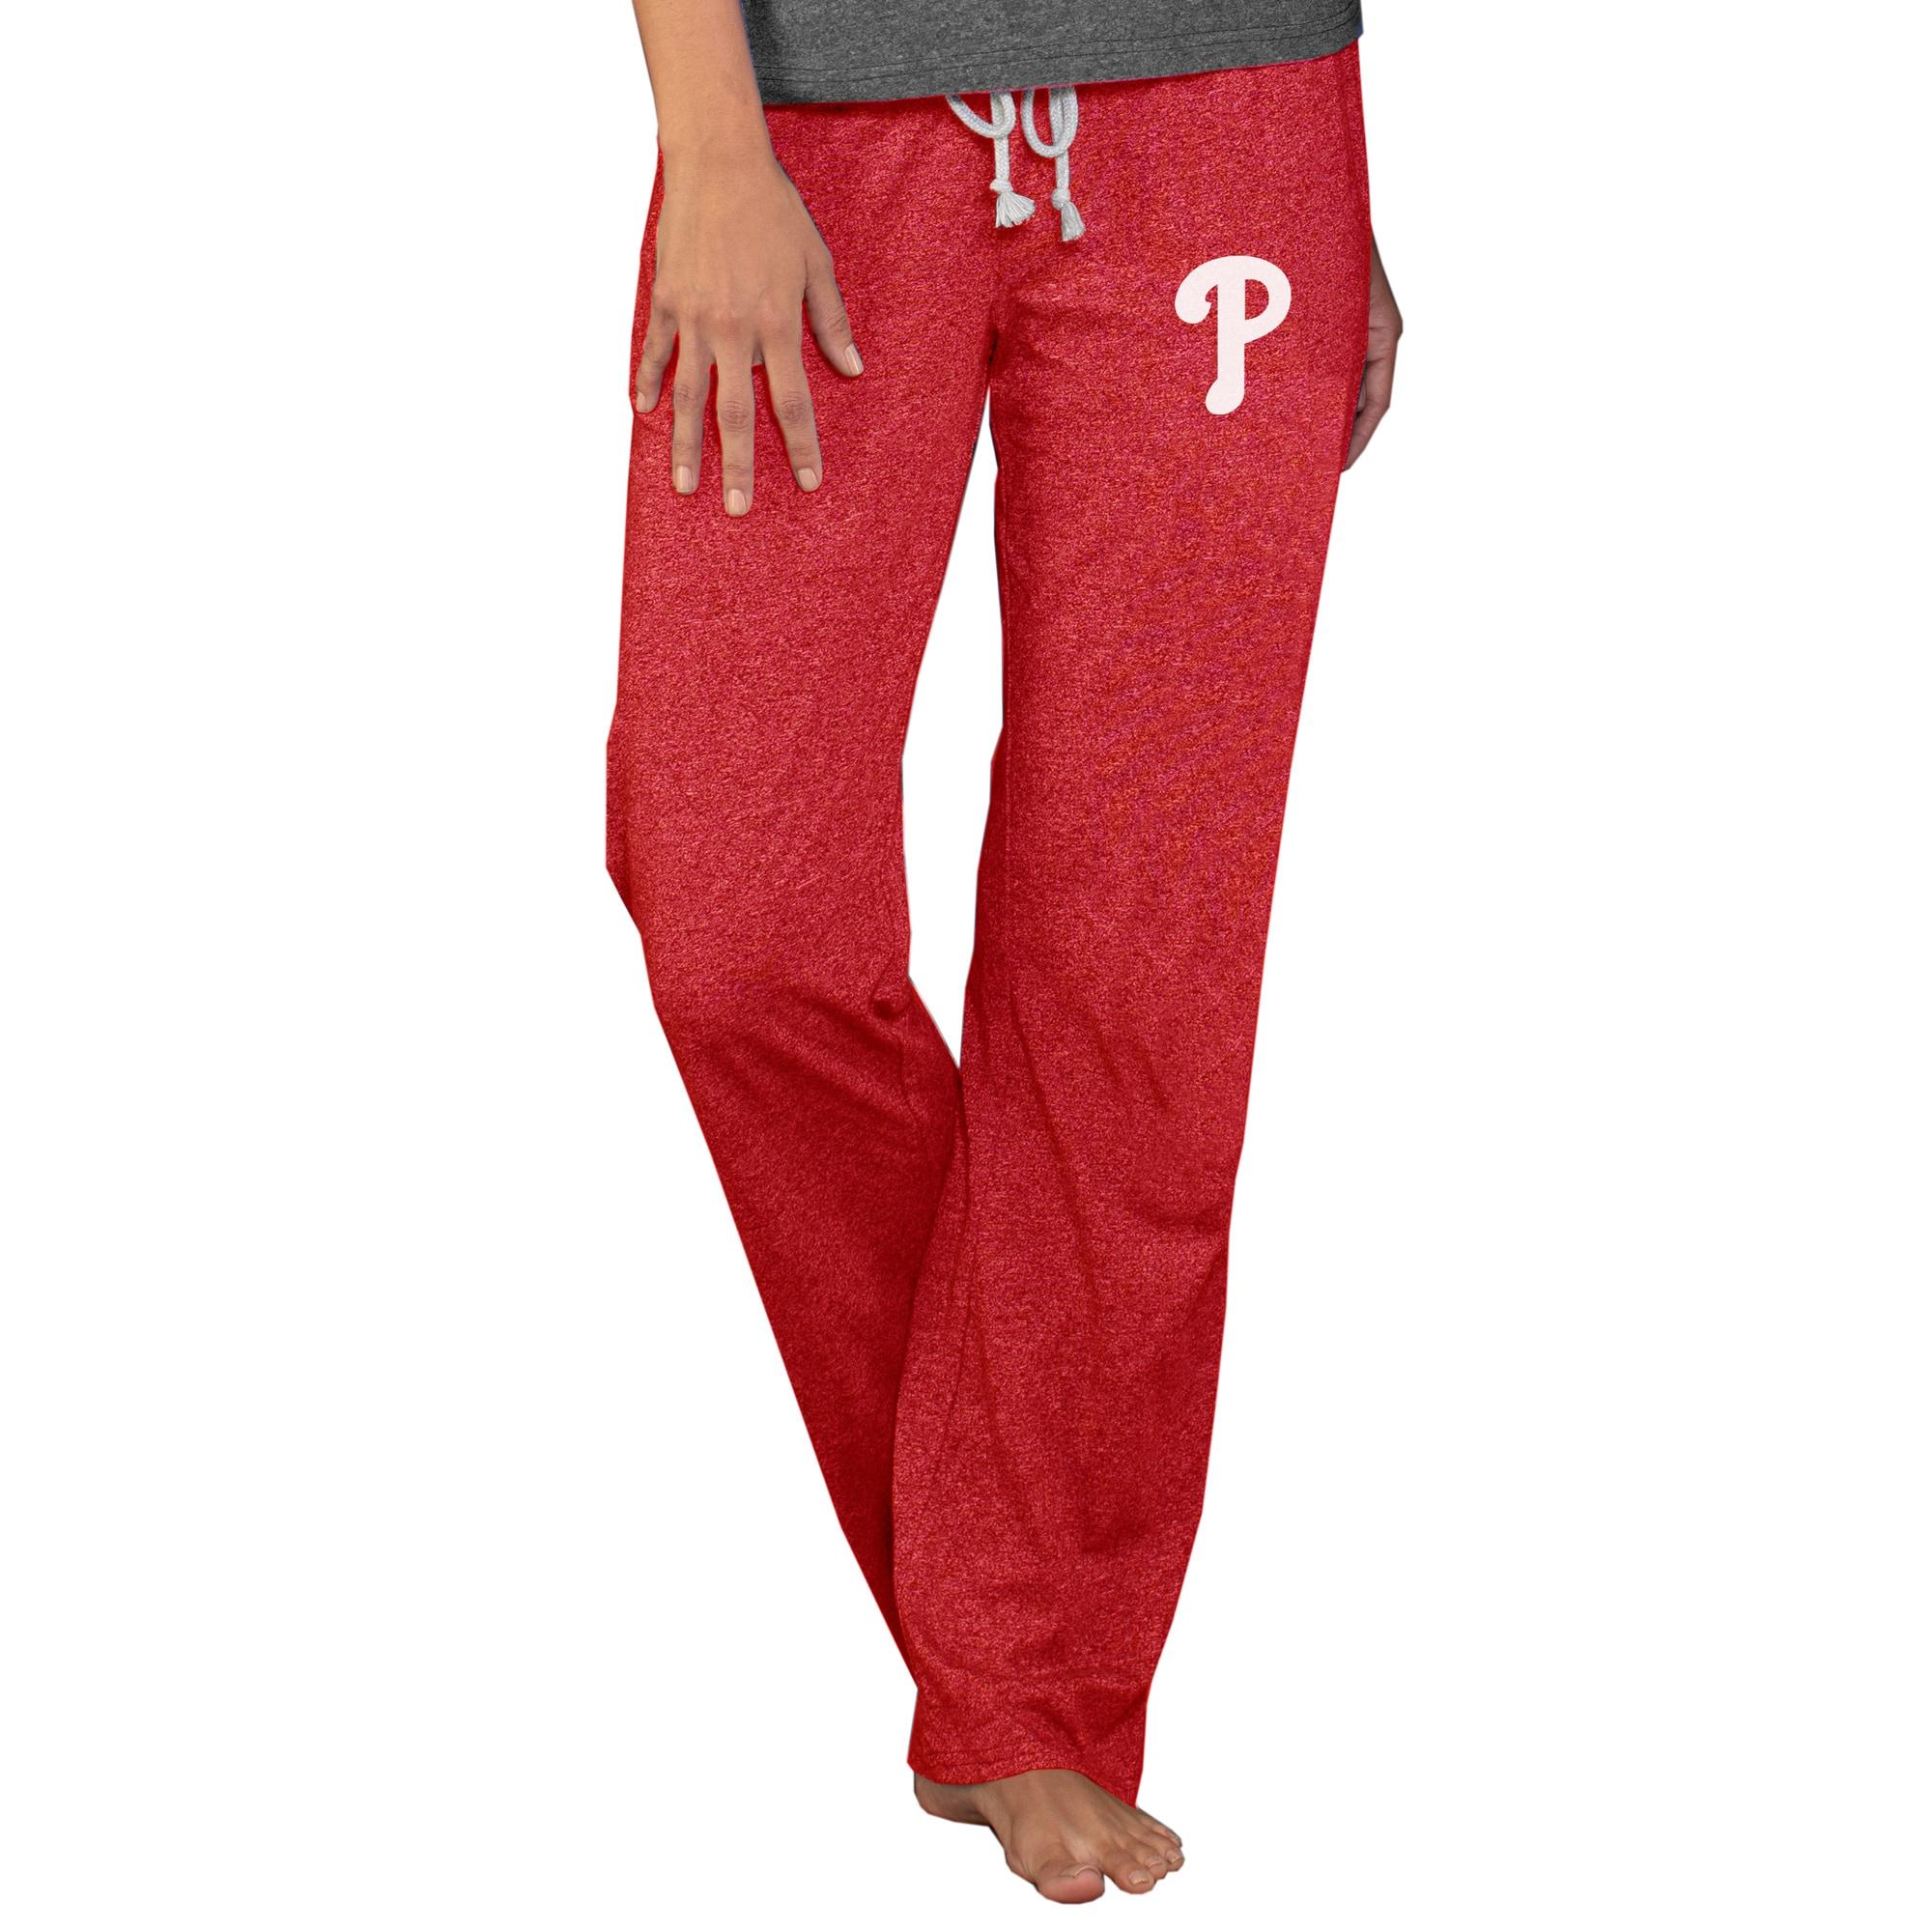 Philadelphia Phillies Concepts Sport Women's Quest Knit Pants - Red